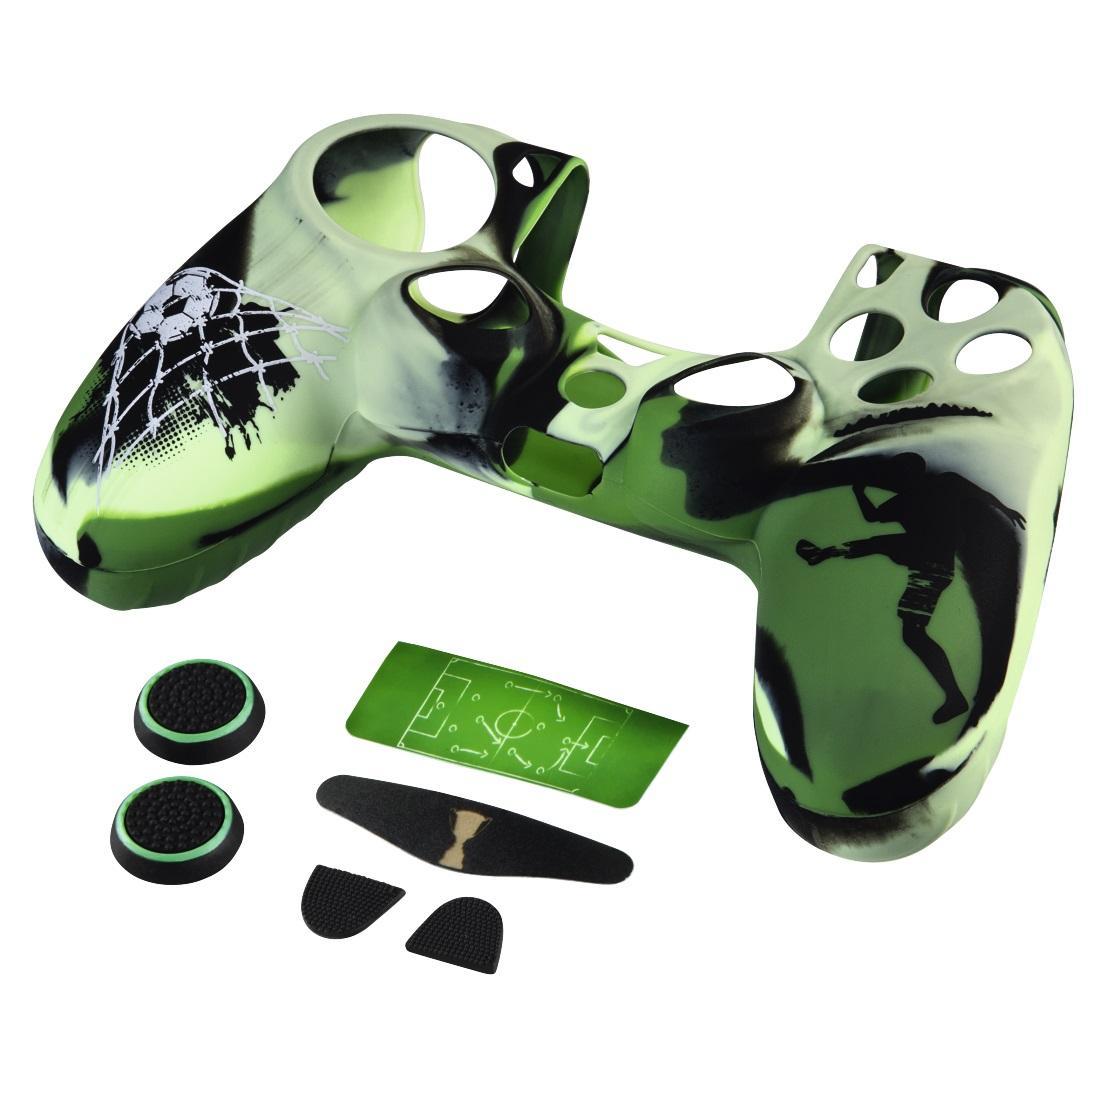 Комплект аксесоари HAMA Soccer, 7in1 за PS4/SLIM/PRO Dualshock 4 Controller